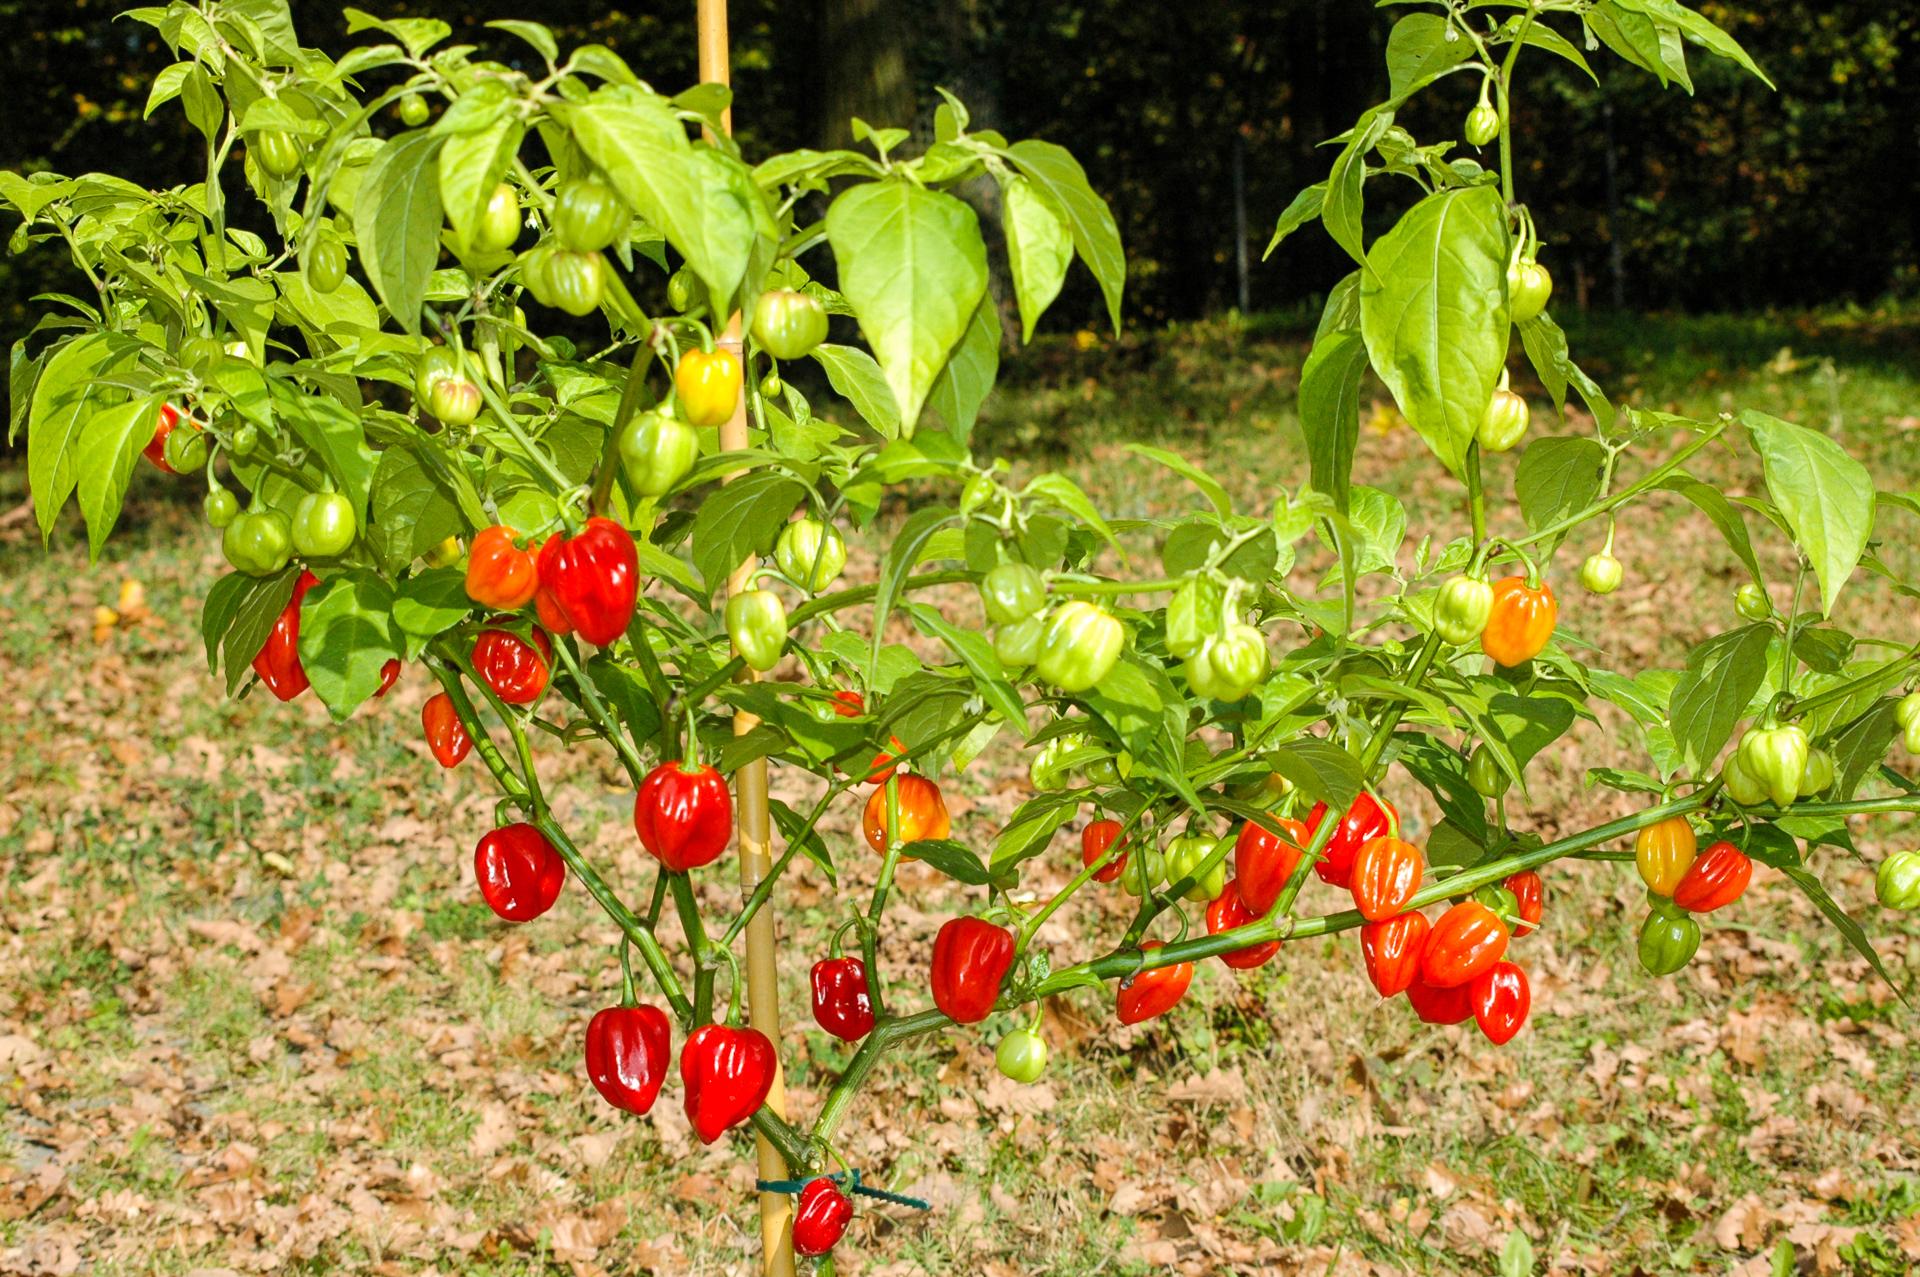 PI 315012 - Capsicum chinense - Chilisorte